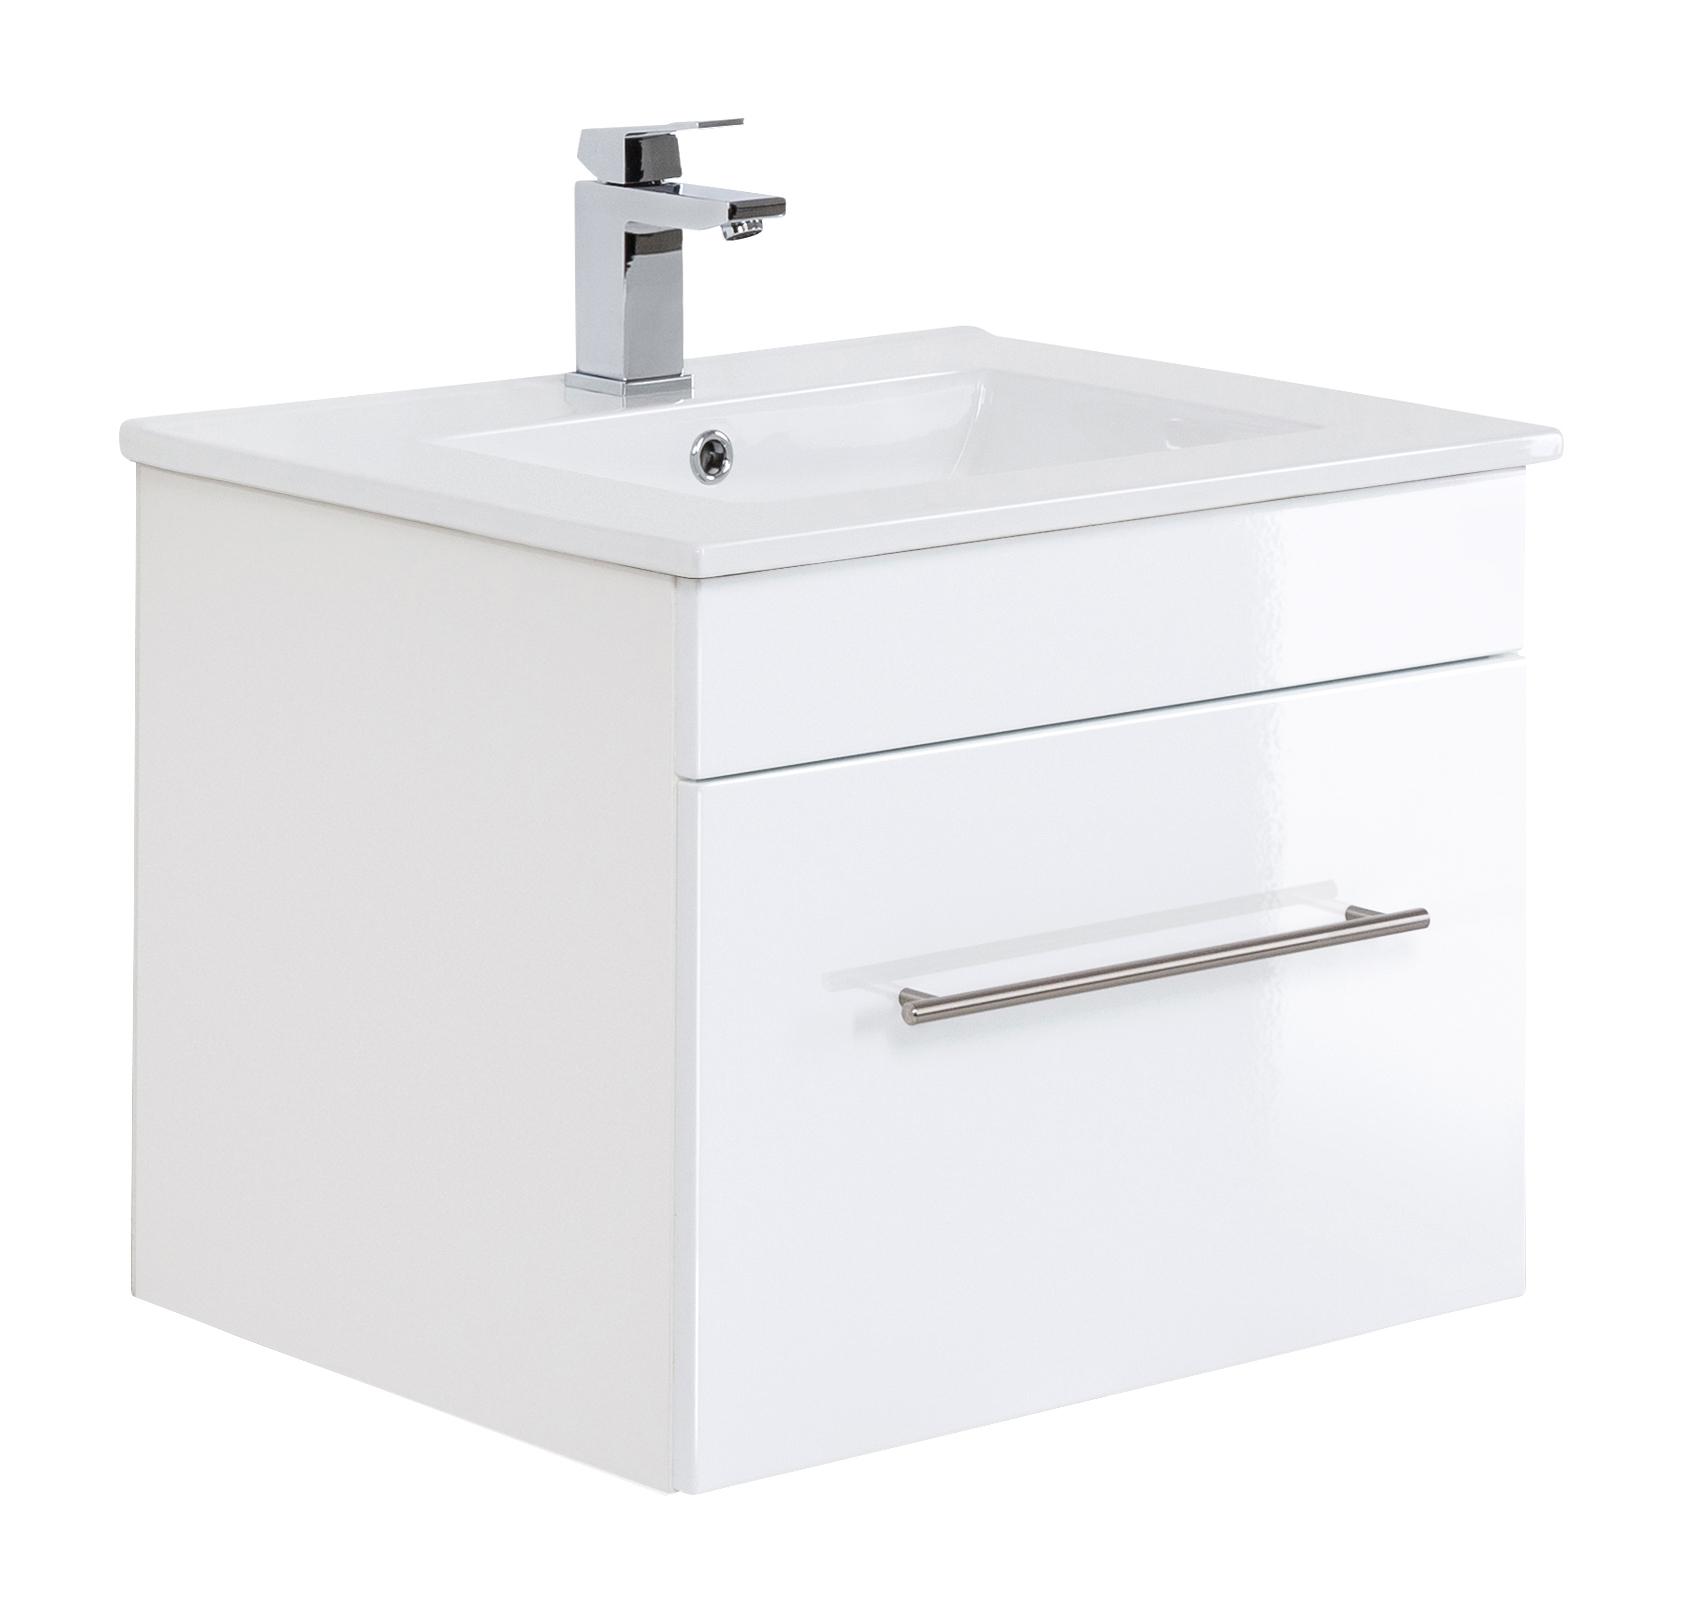 Saniclear Viva badkamermeubel 60cm hoogglans wit